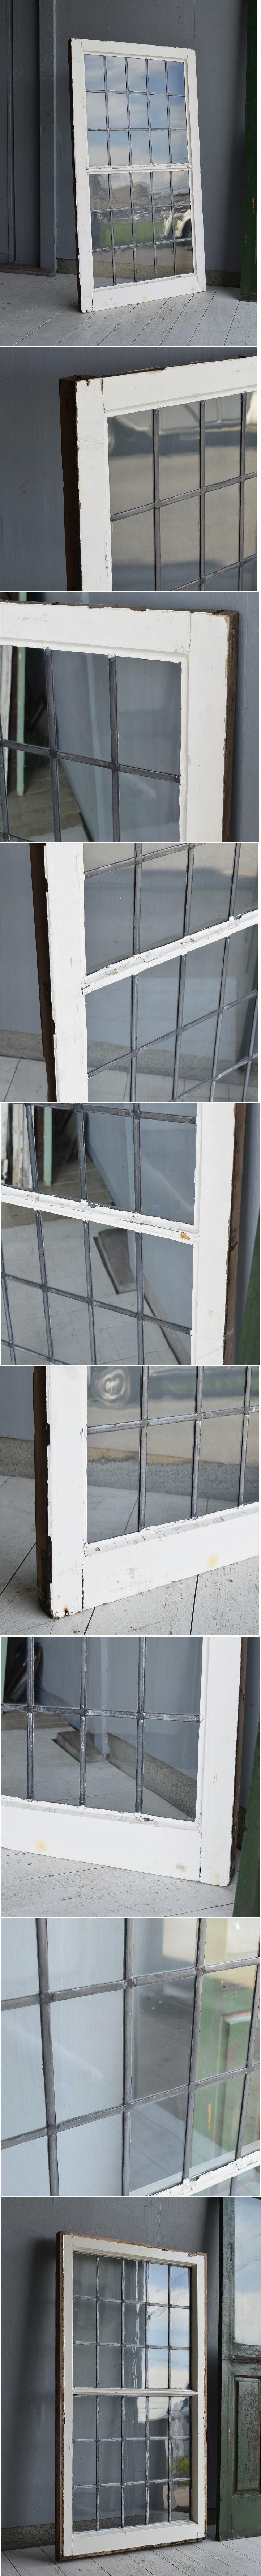 イギリス アンティーク 格子窓 無色透明 7155